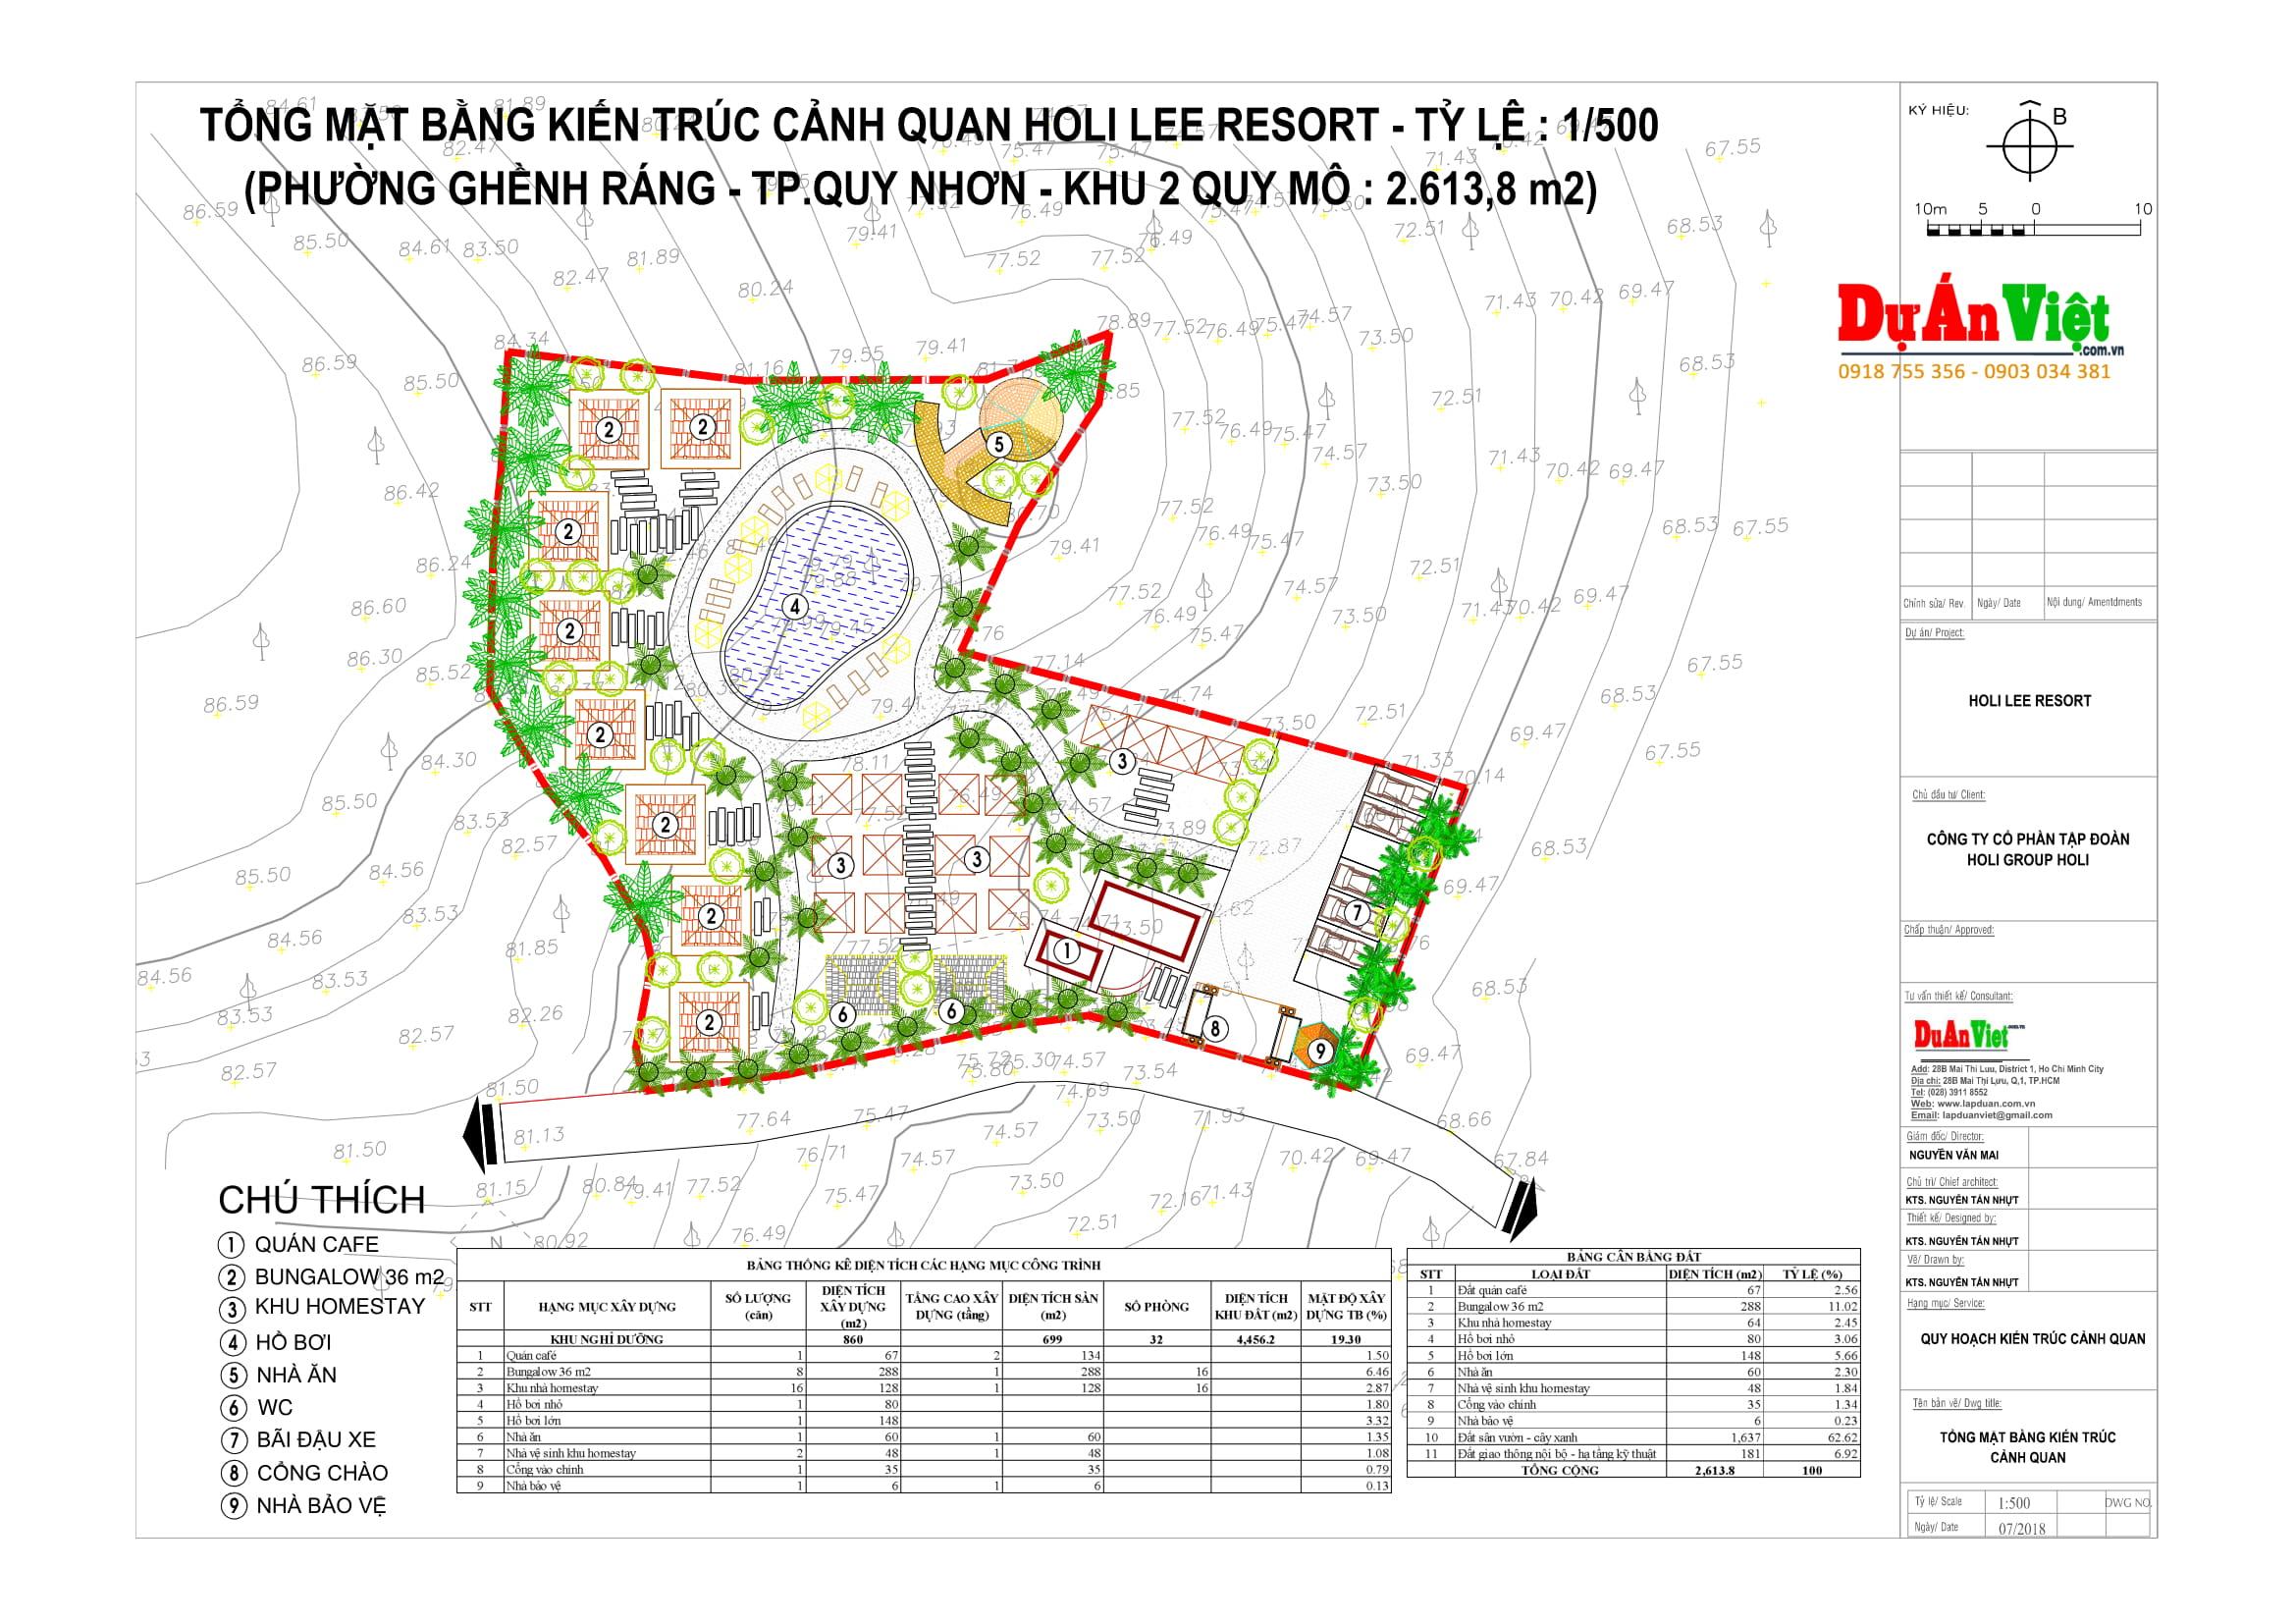 Thiết kế quy hoạch: Tổng mặt bằng kiến trúc cảnh quan Holi Lee Resort - TP Quy Nhơn